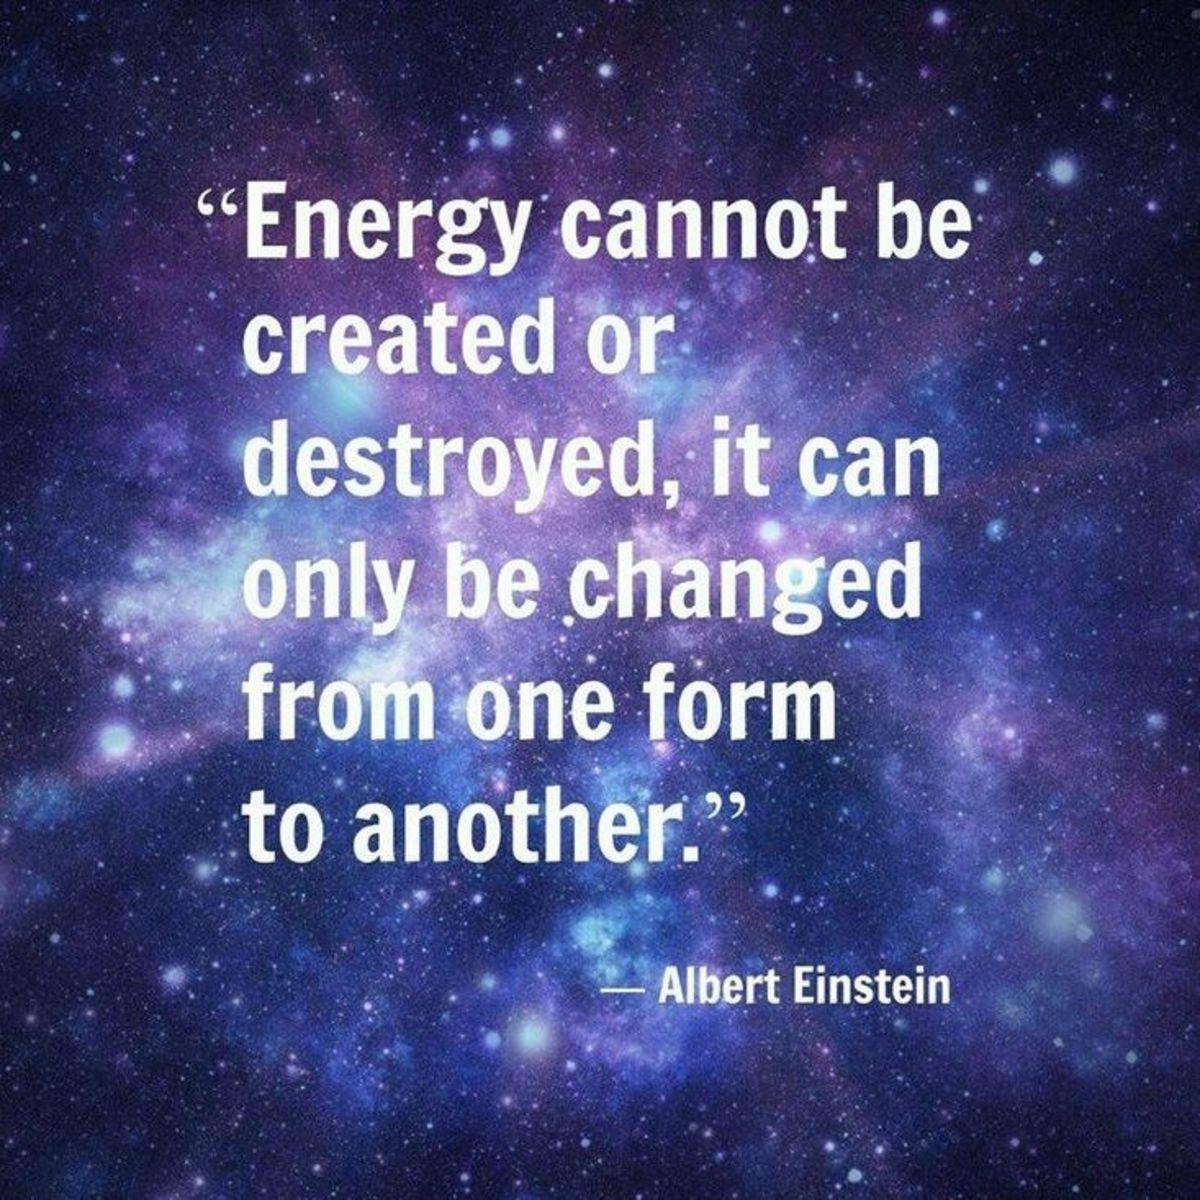 Wisdom from Albert Einstein.